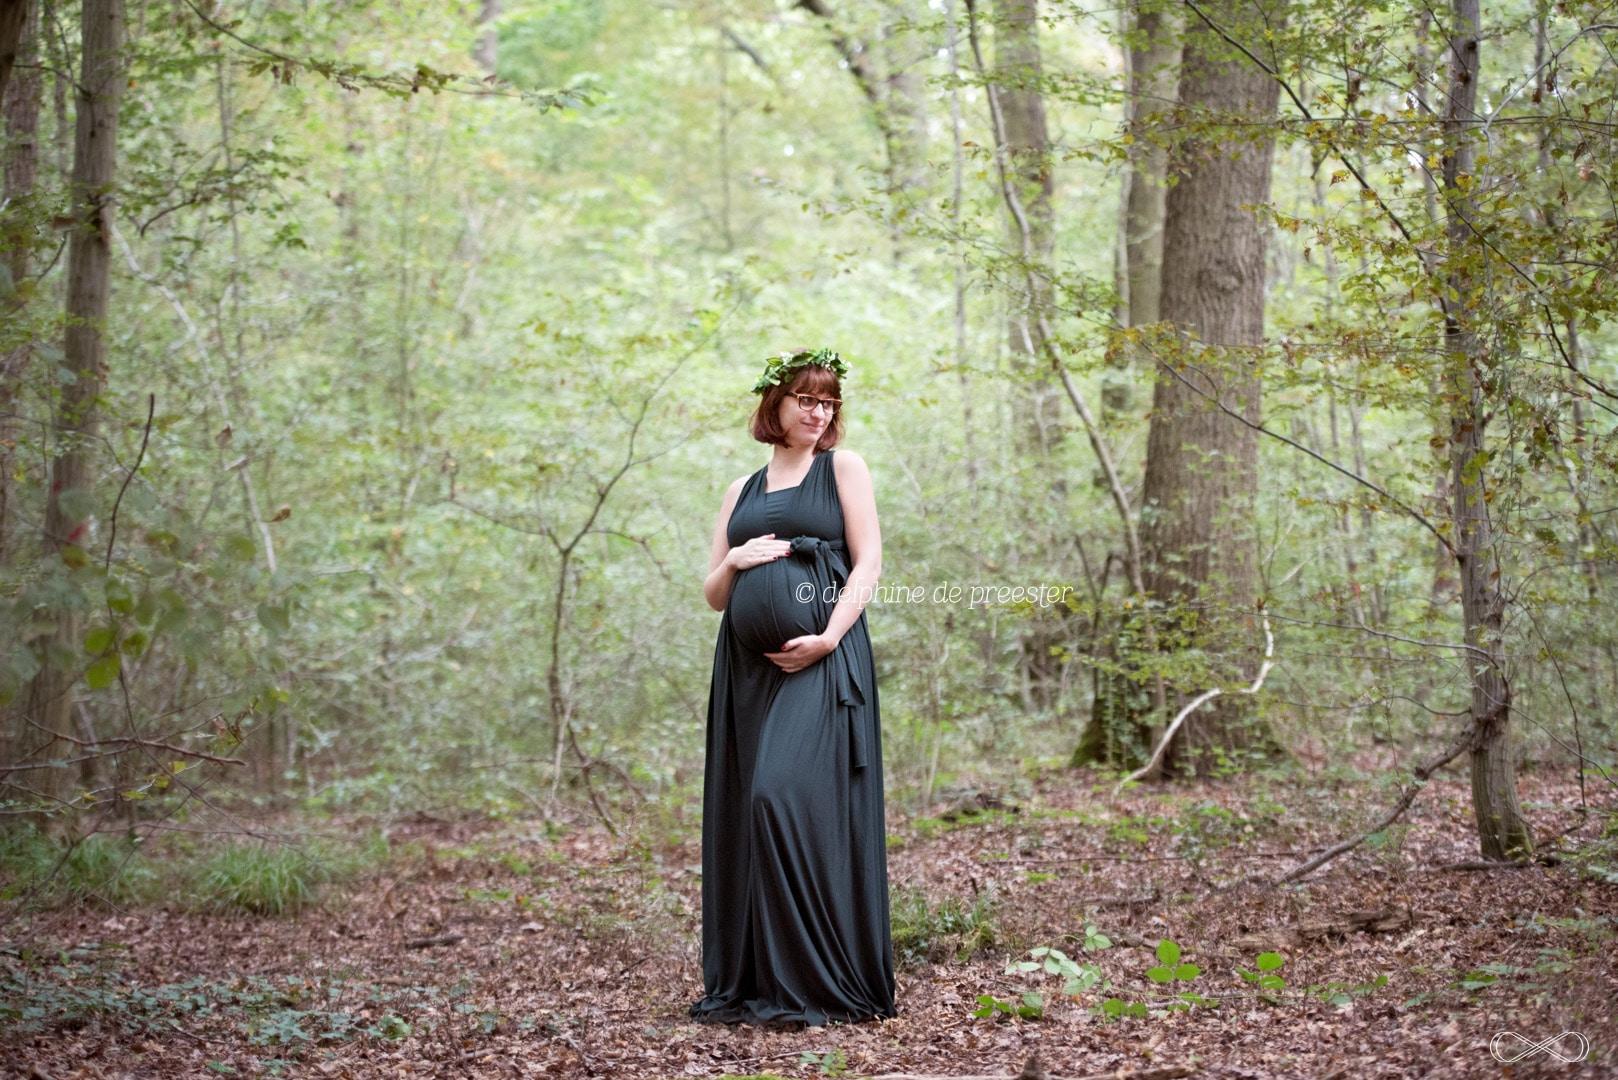 séance photo grossesse en extérieur essonne 91